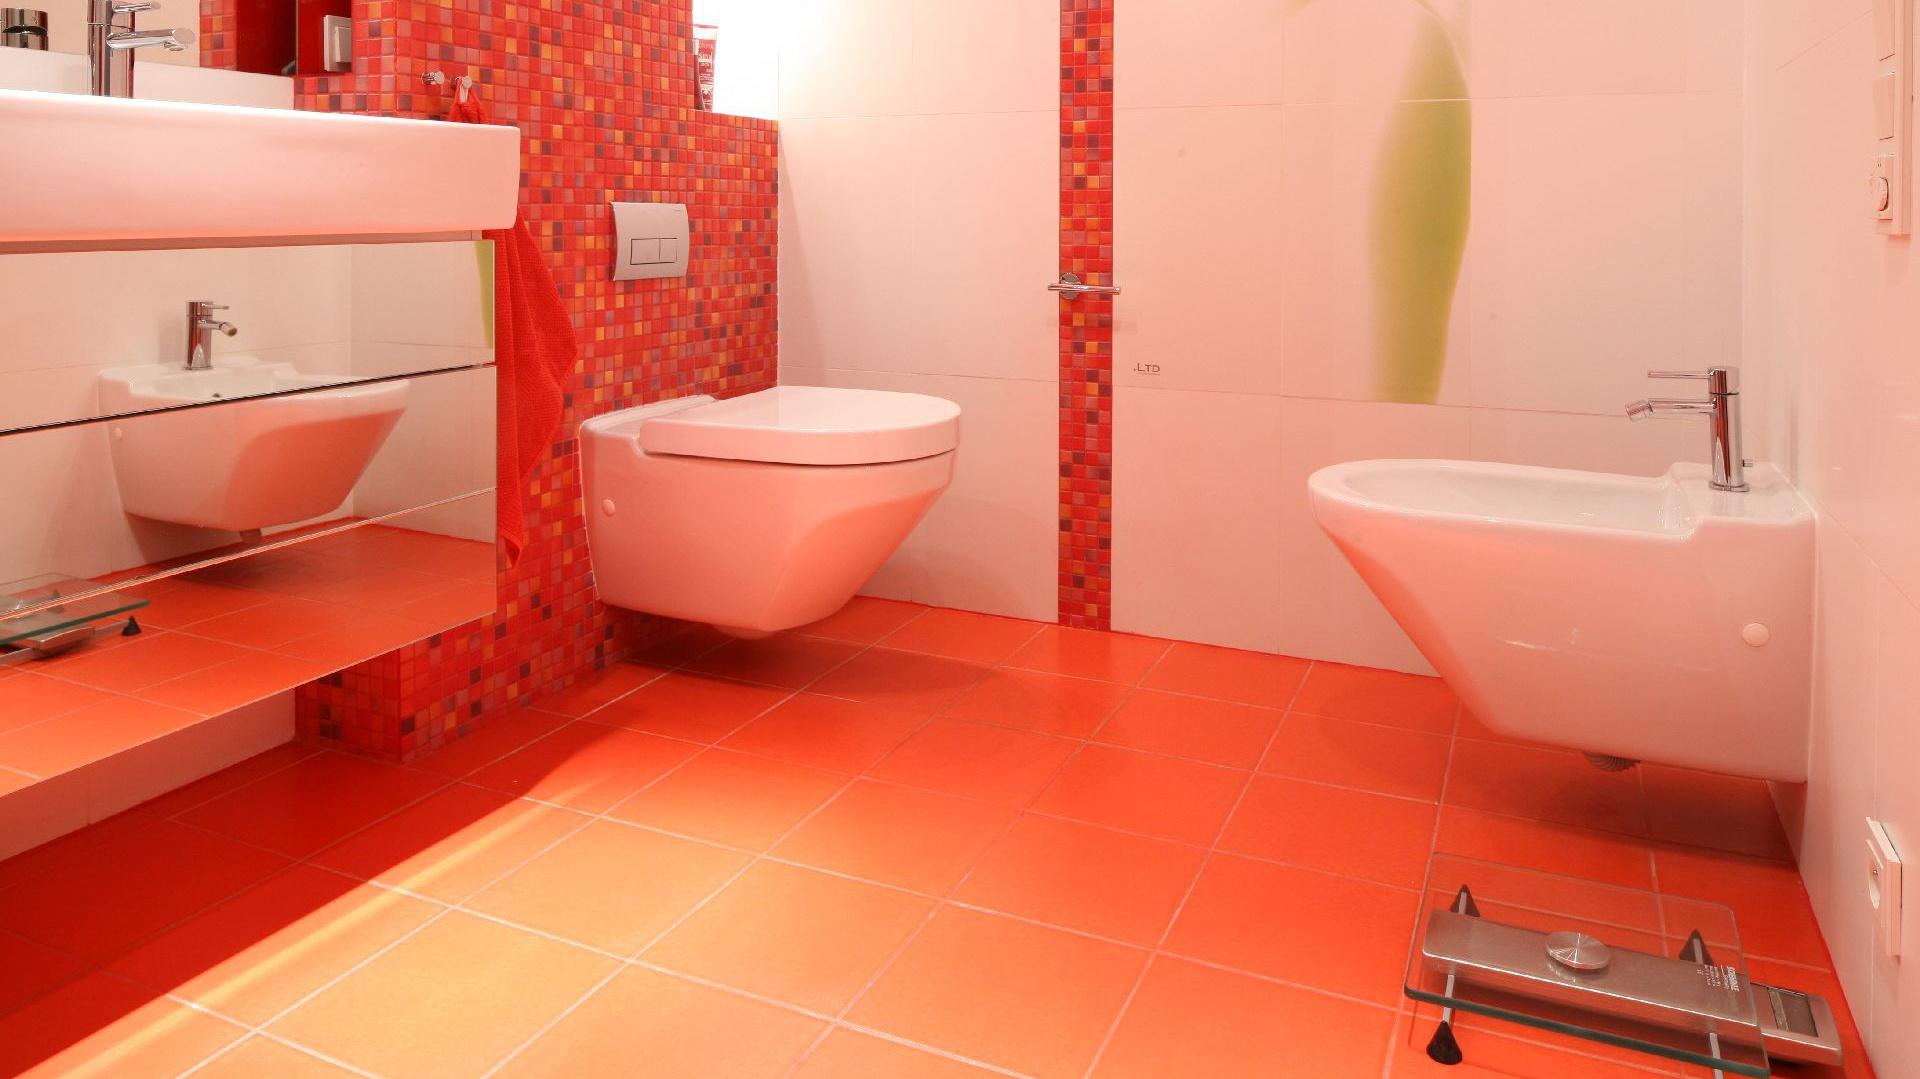 Aranżacja łazienkowa Z Mozaiką W Tle Biel I Czerwień Na Topie